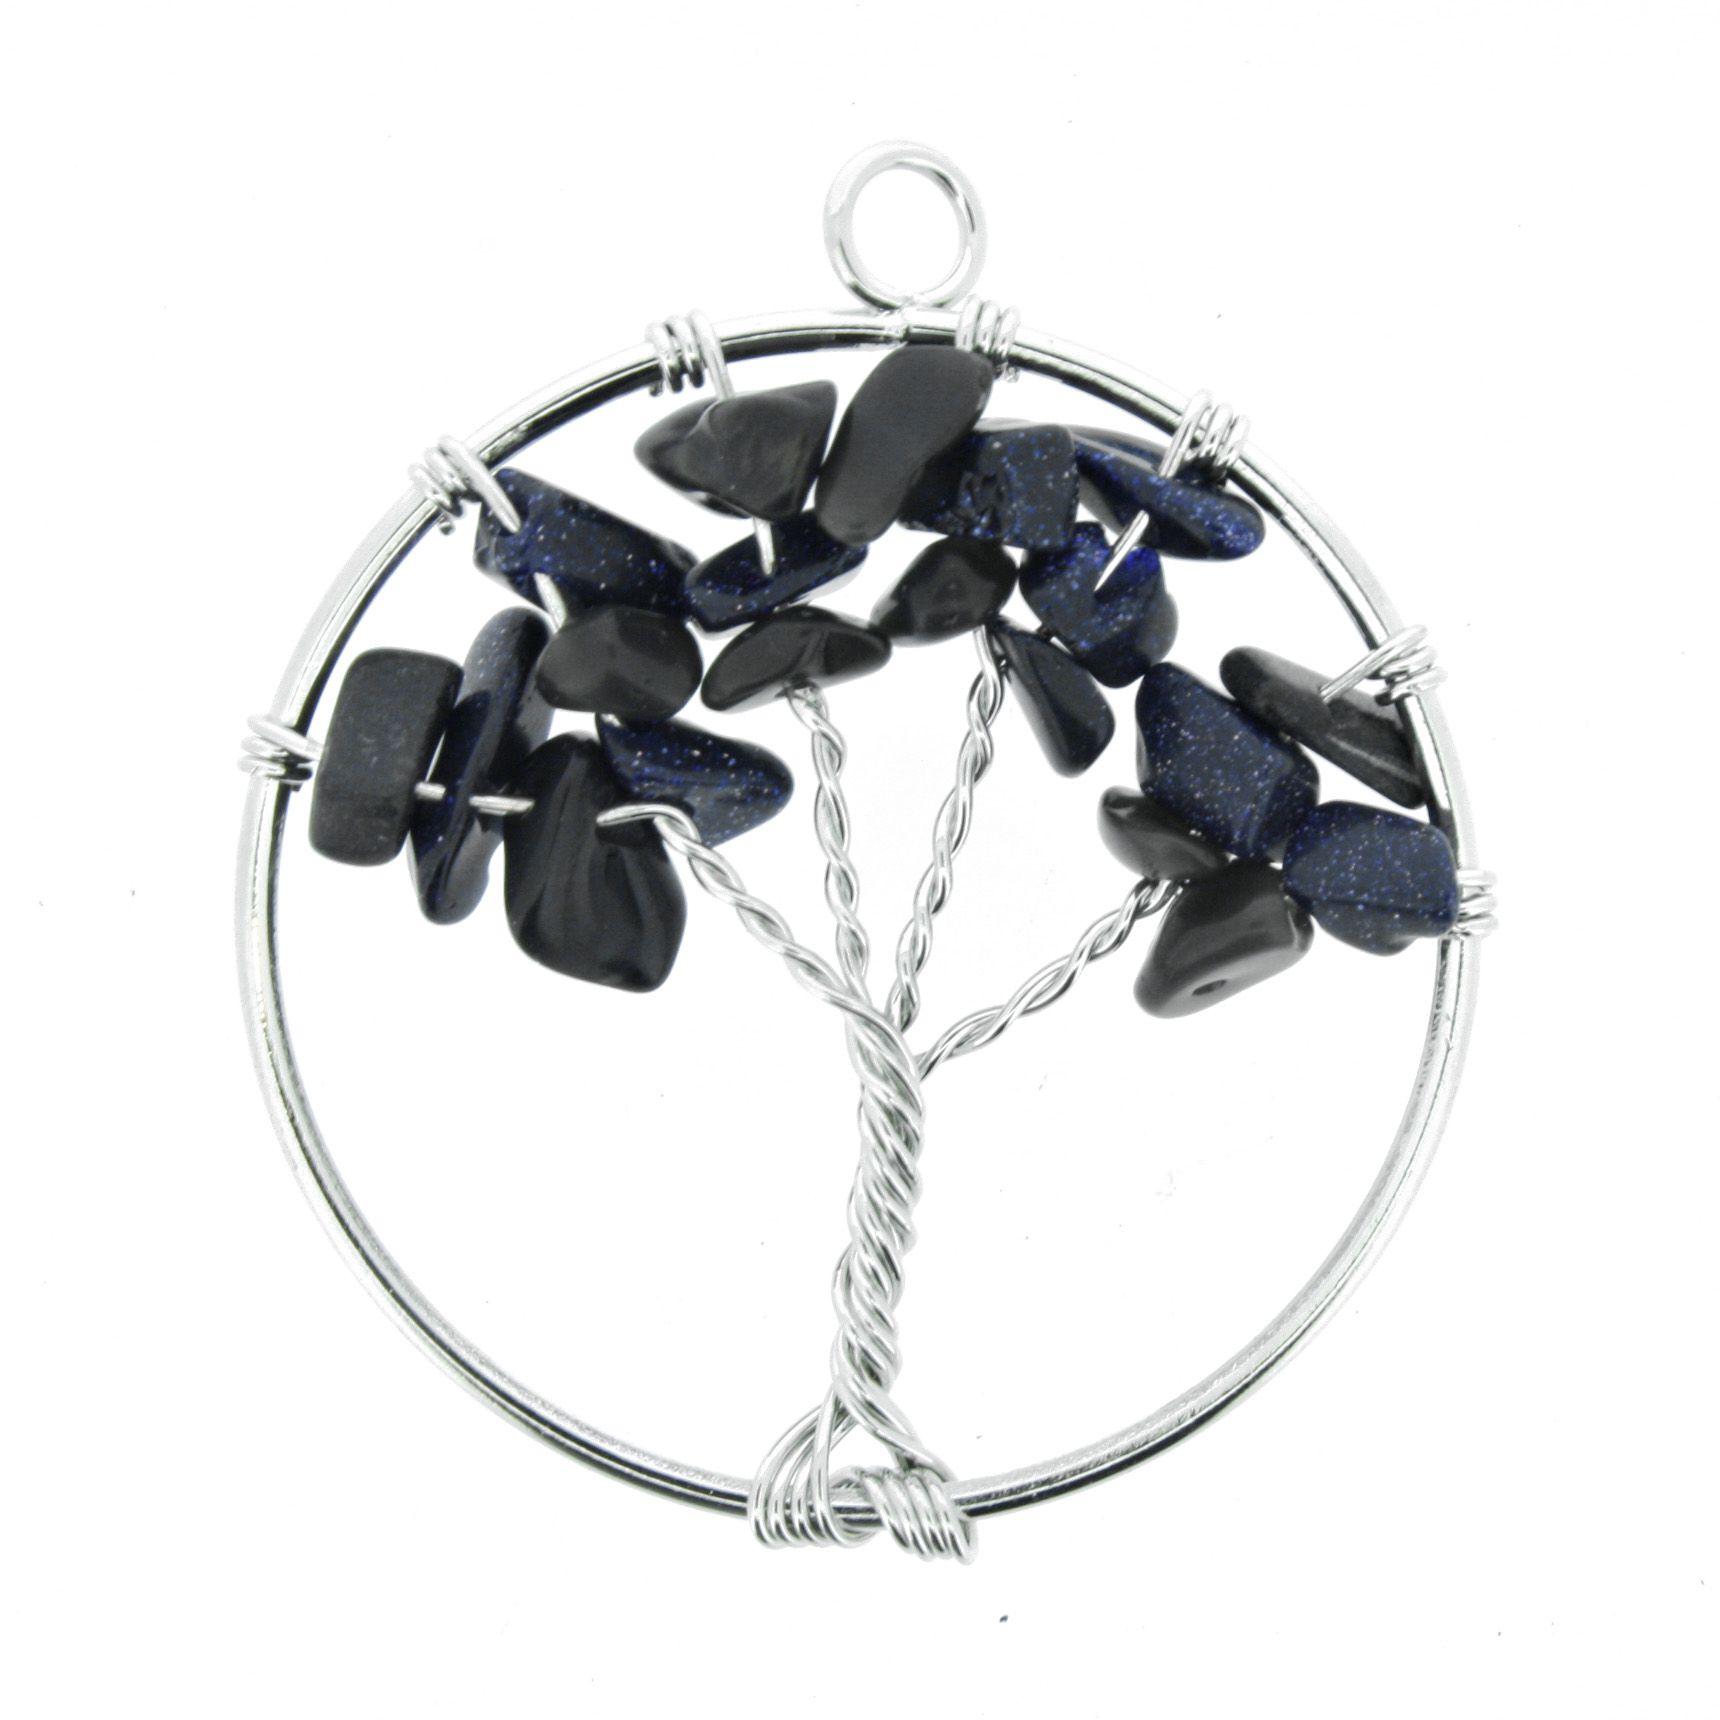 Árvore da Vida de Arame com Pedra - Pedra Estrela - 40mm  - Universo Religioso® - Artigos de Umbanda e Candomblé